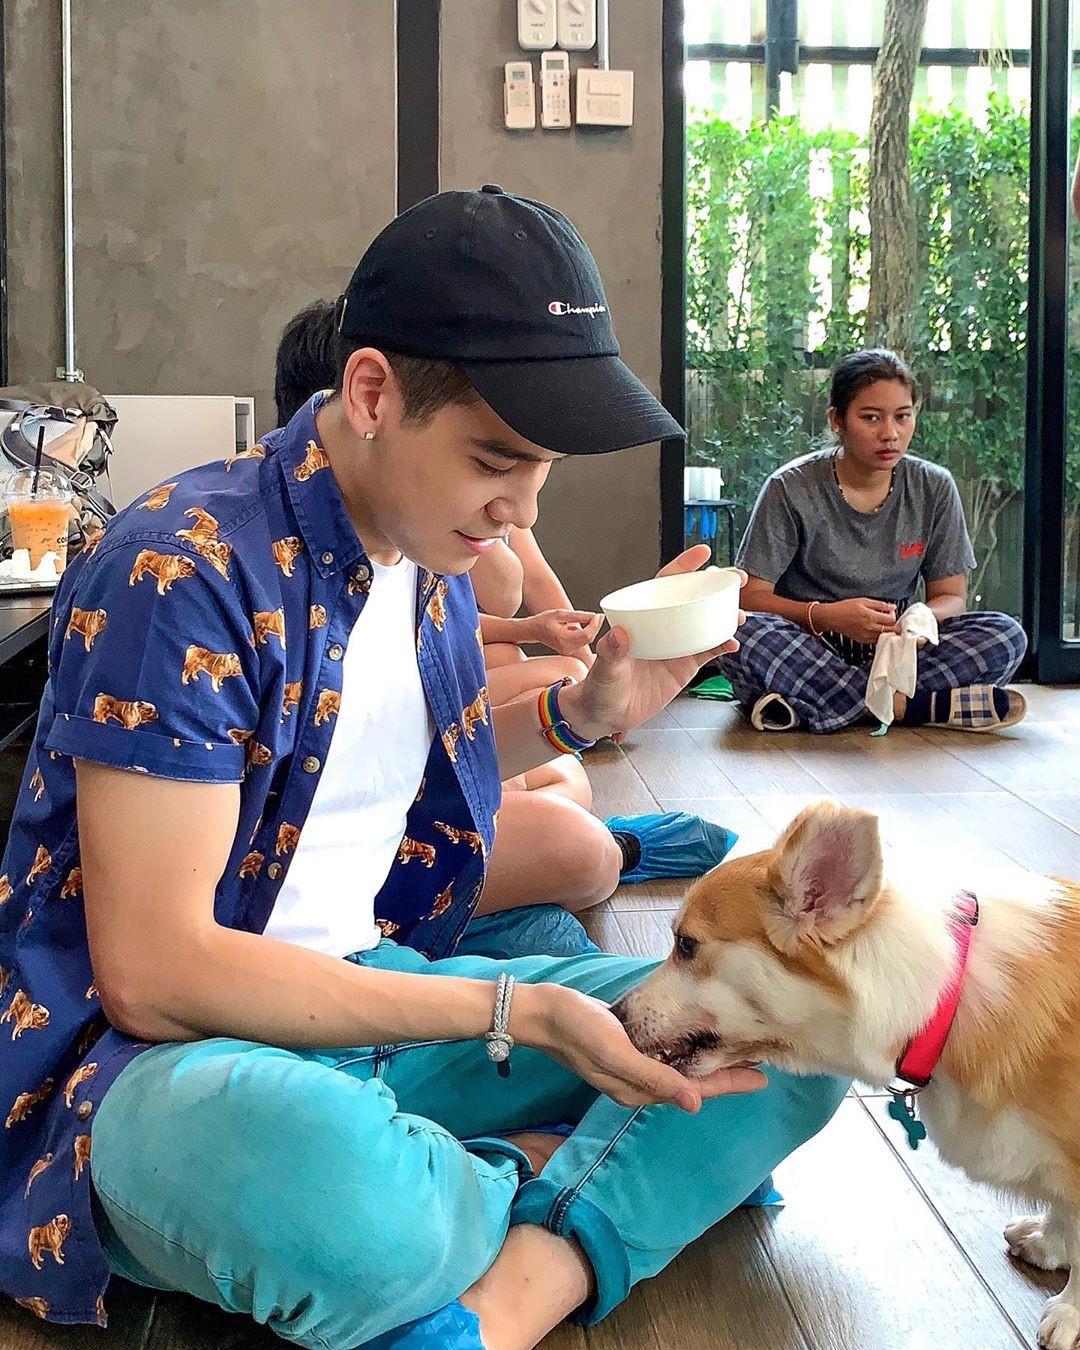 Siêu cấp dễ thương: Quán cà phê chó corgi nổi tiếng nhất Bangkok khiến dân tình phát sốt, con nào con nấy cũng ú nu ú nần - Ảnh 20.